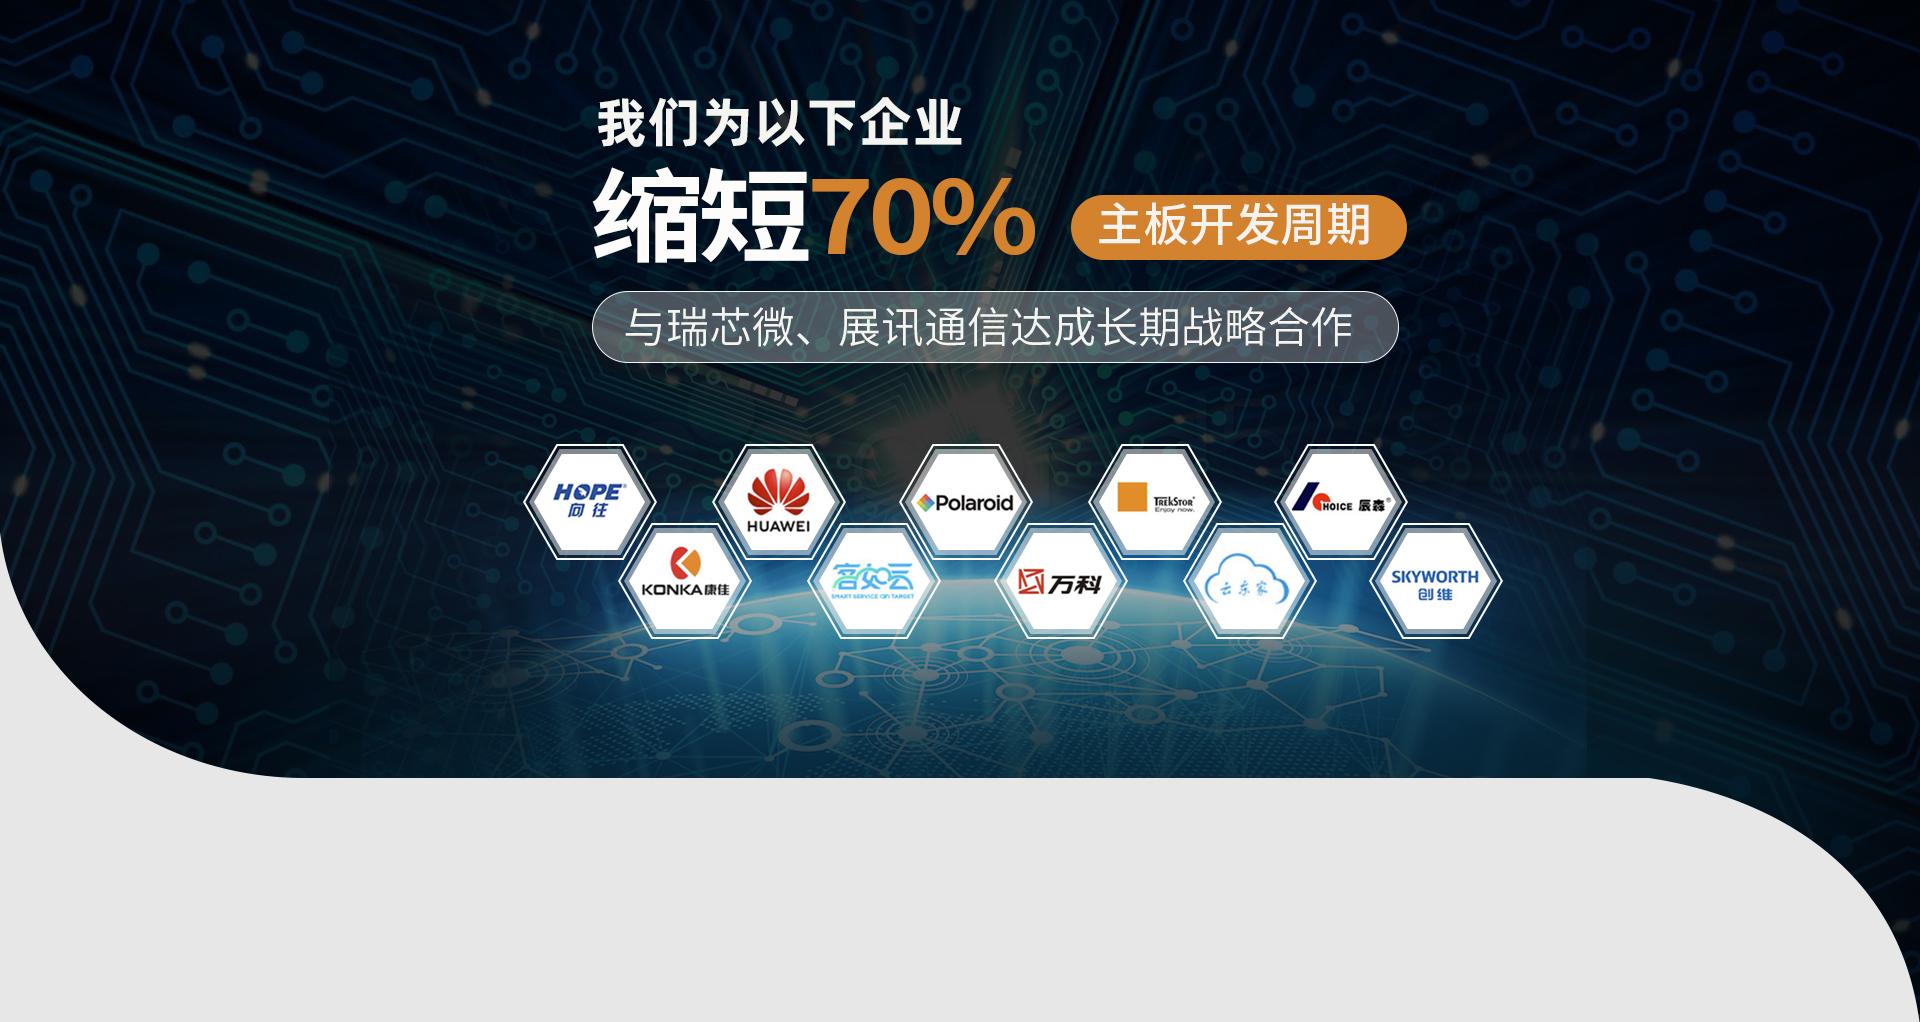 泽迪-缩短70%主板开发周期